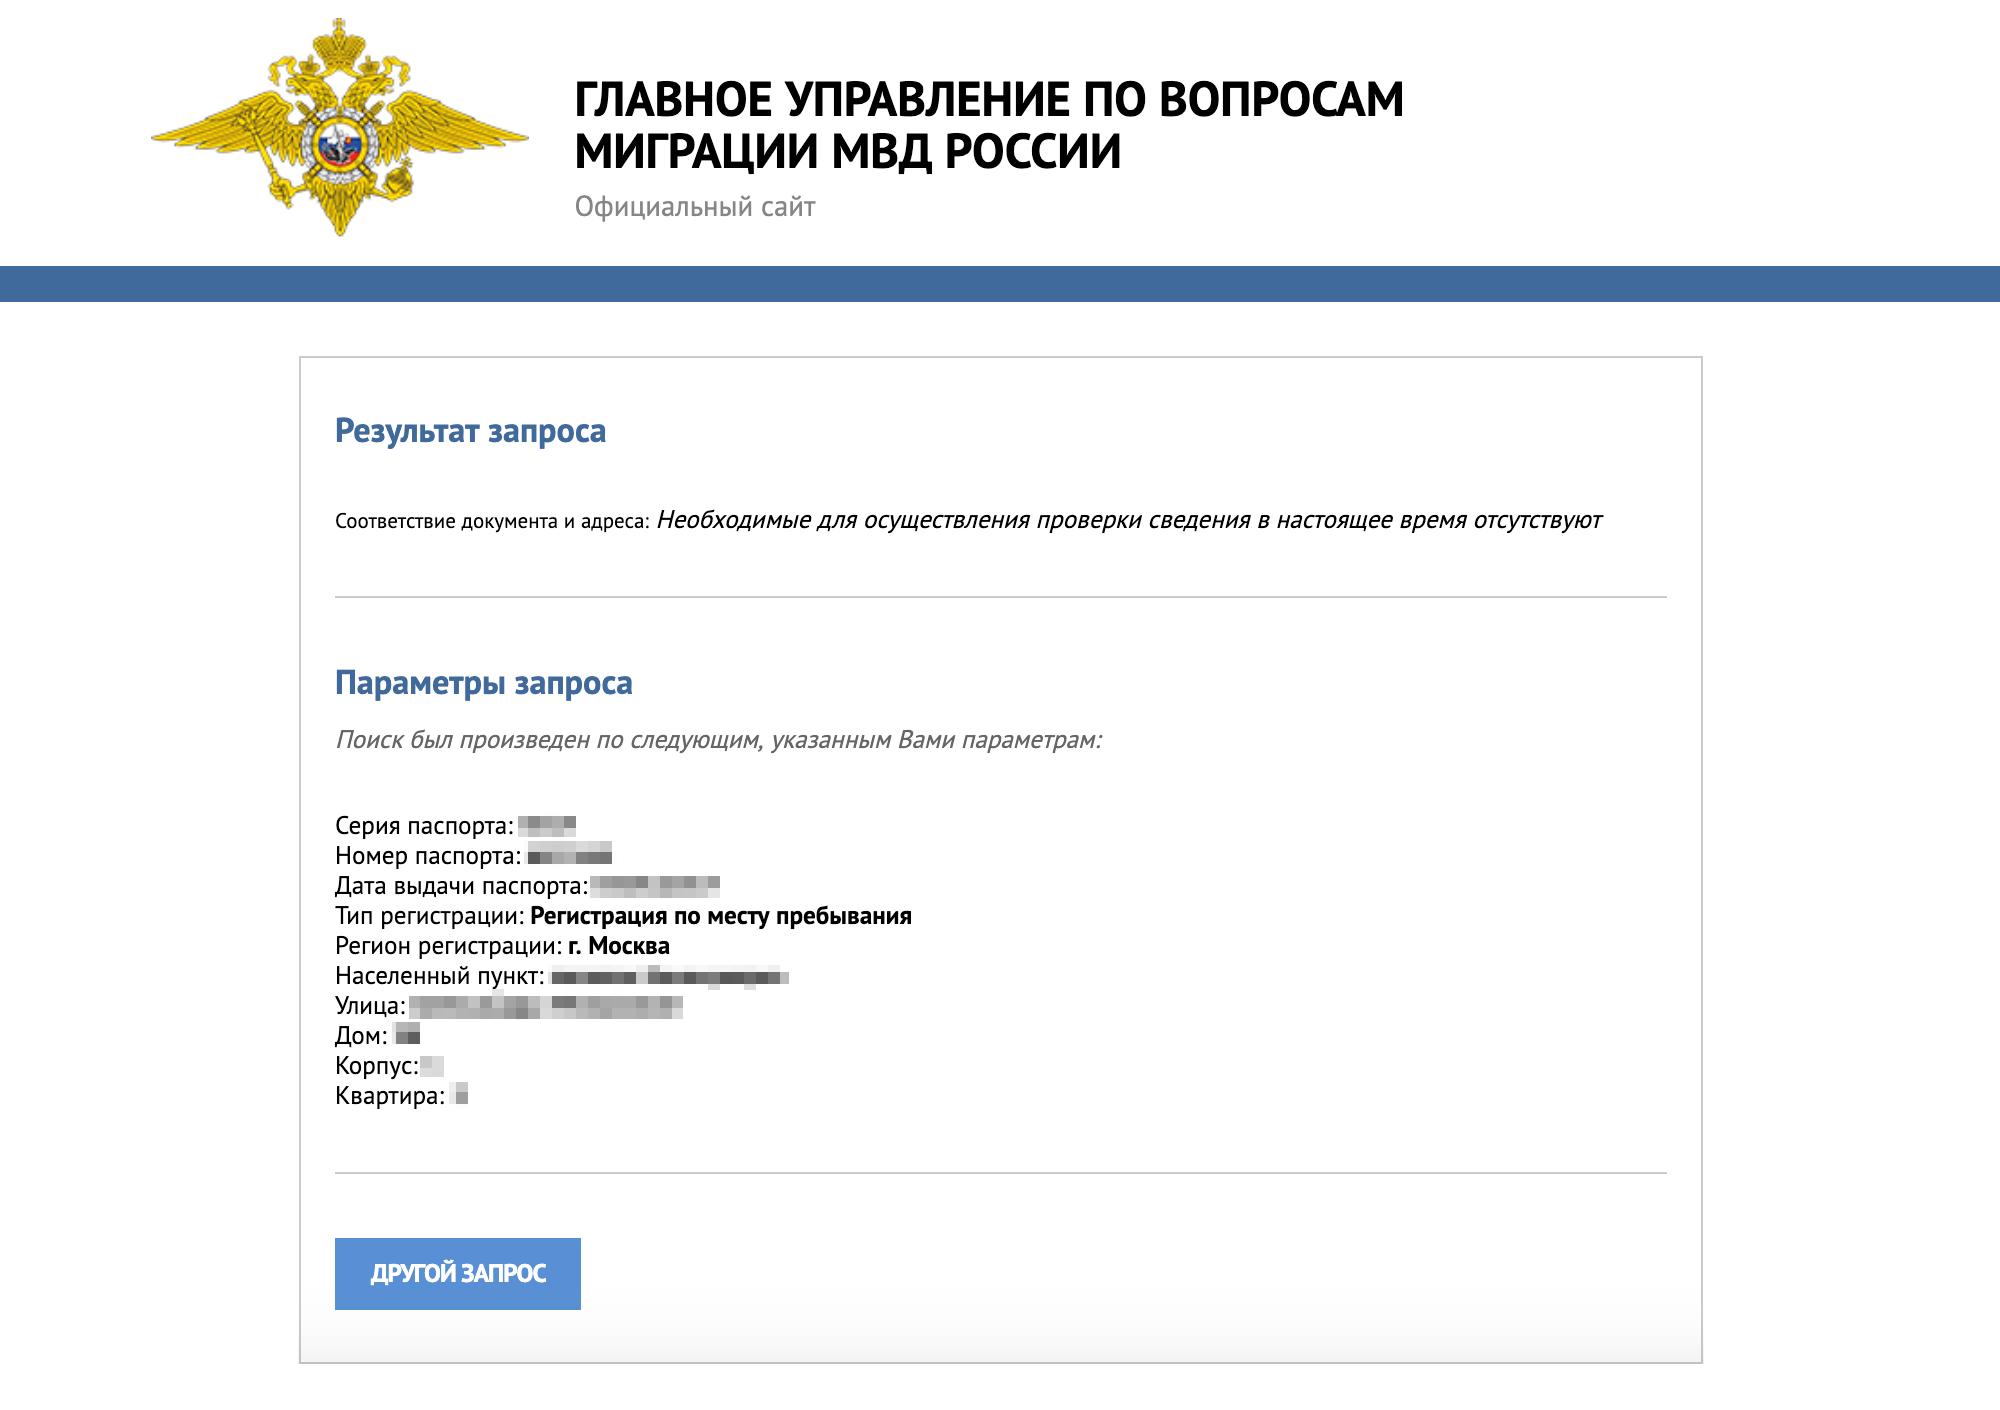 Список документов для оформления временной регистрации